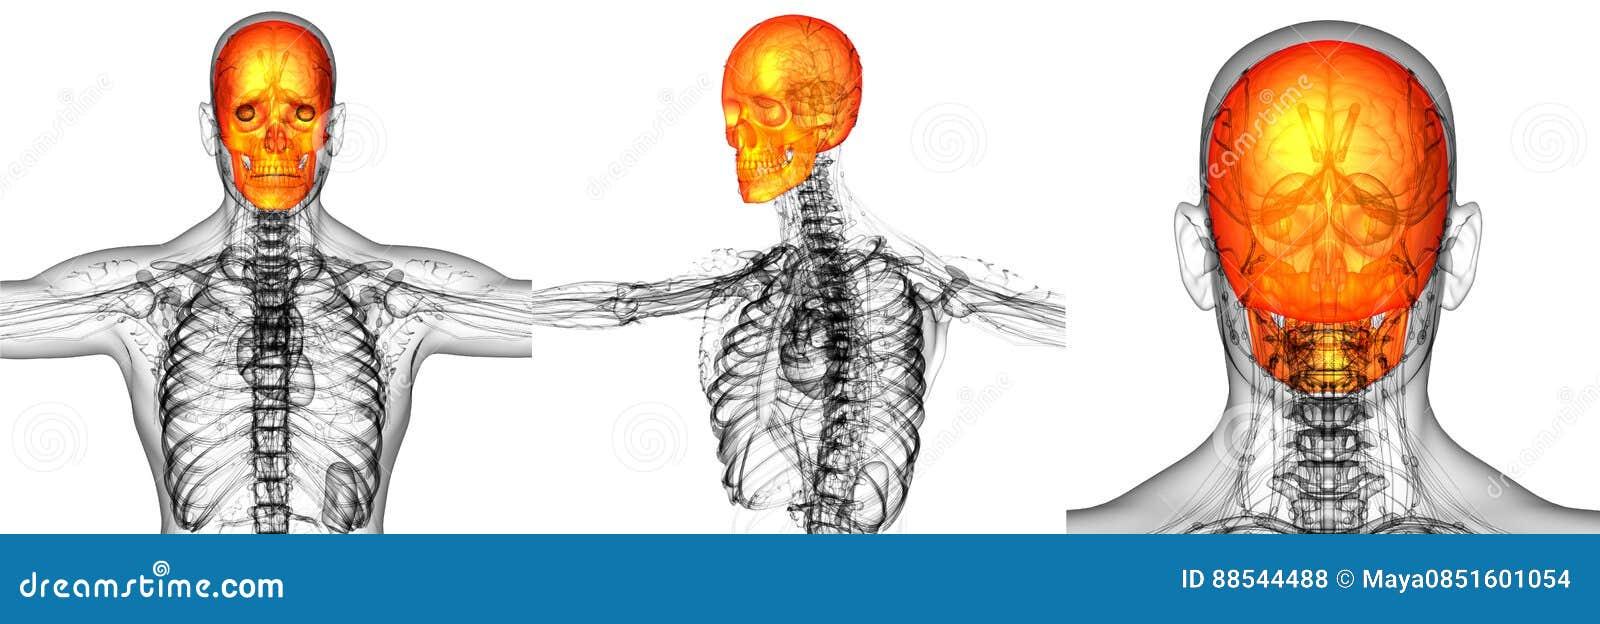 Schädelknochen stockfoto. Bild von kiefer, unterkiefer - 88544488